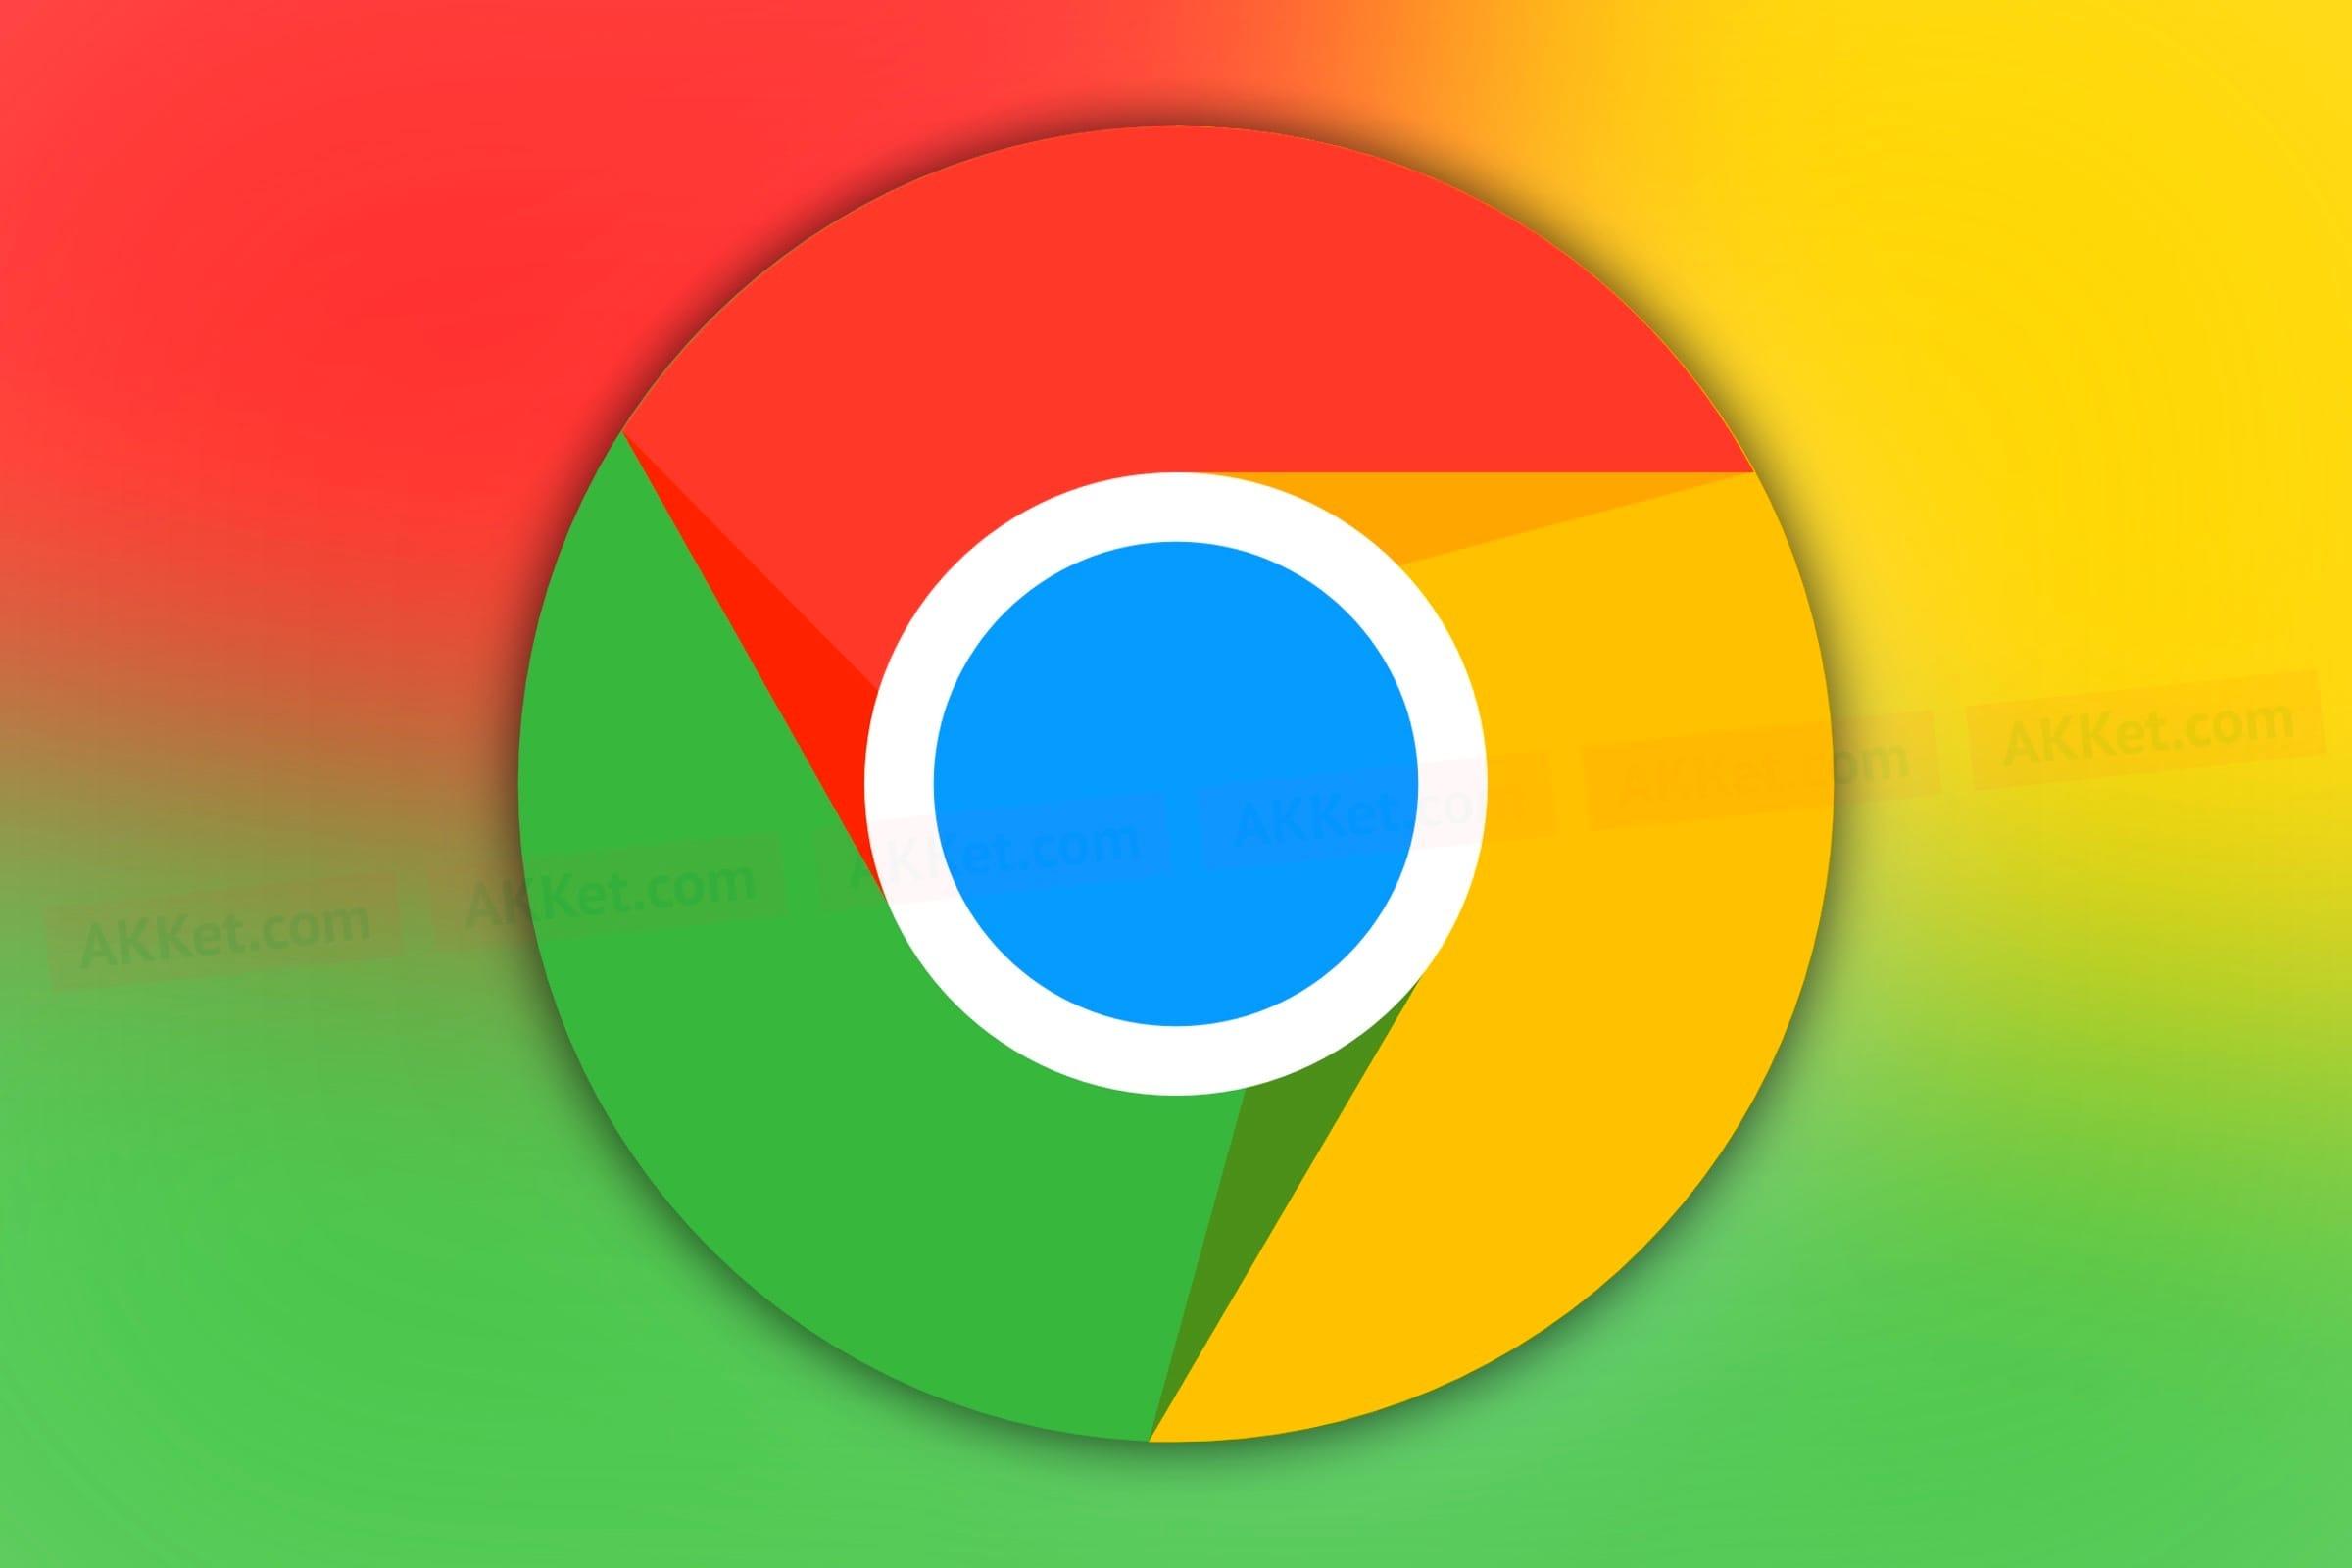 ВGoogle исправили проблемы созвуком вприложениях браузера Chrome